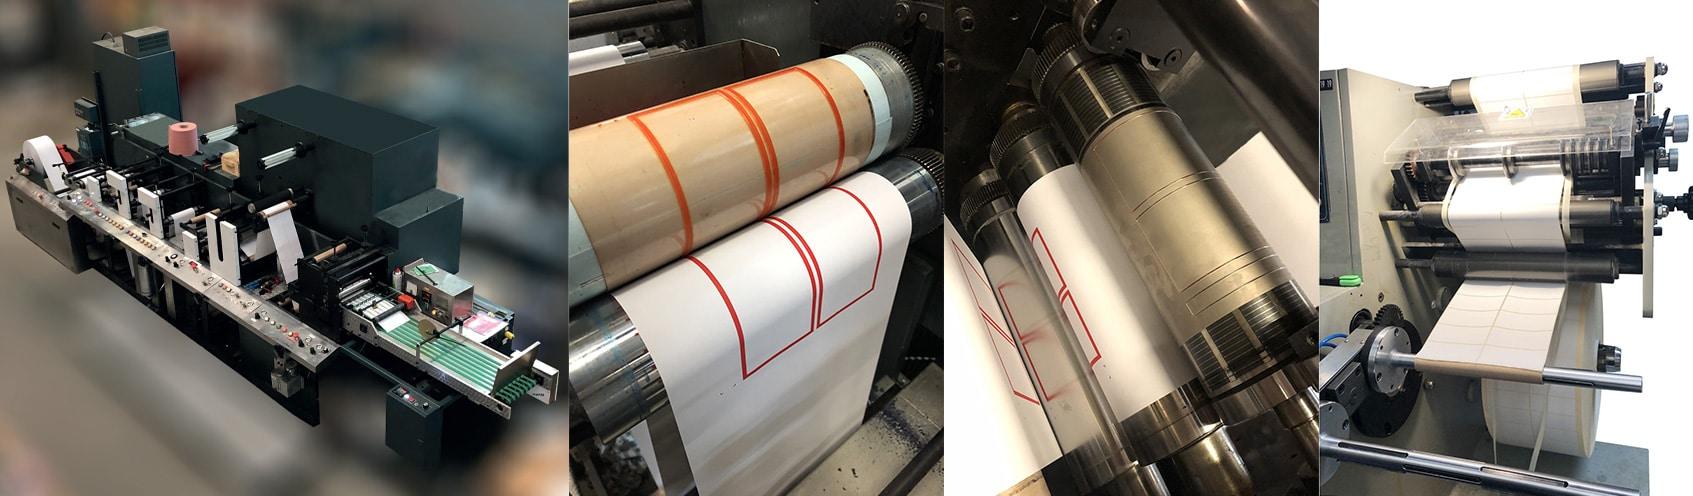 Machines d'imprimerie Solugraph